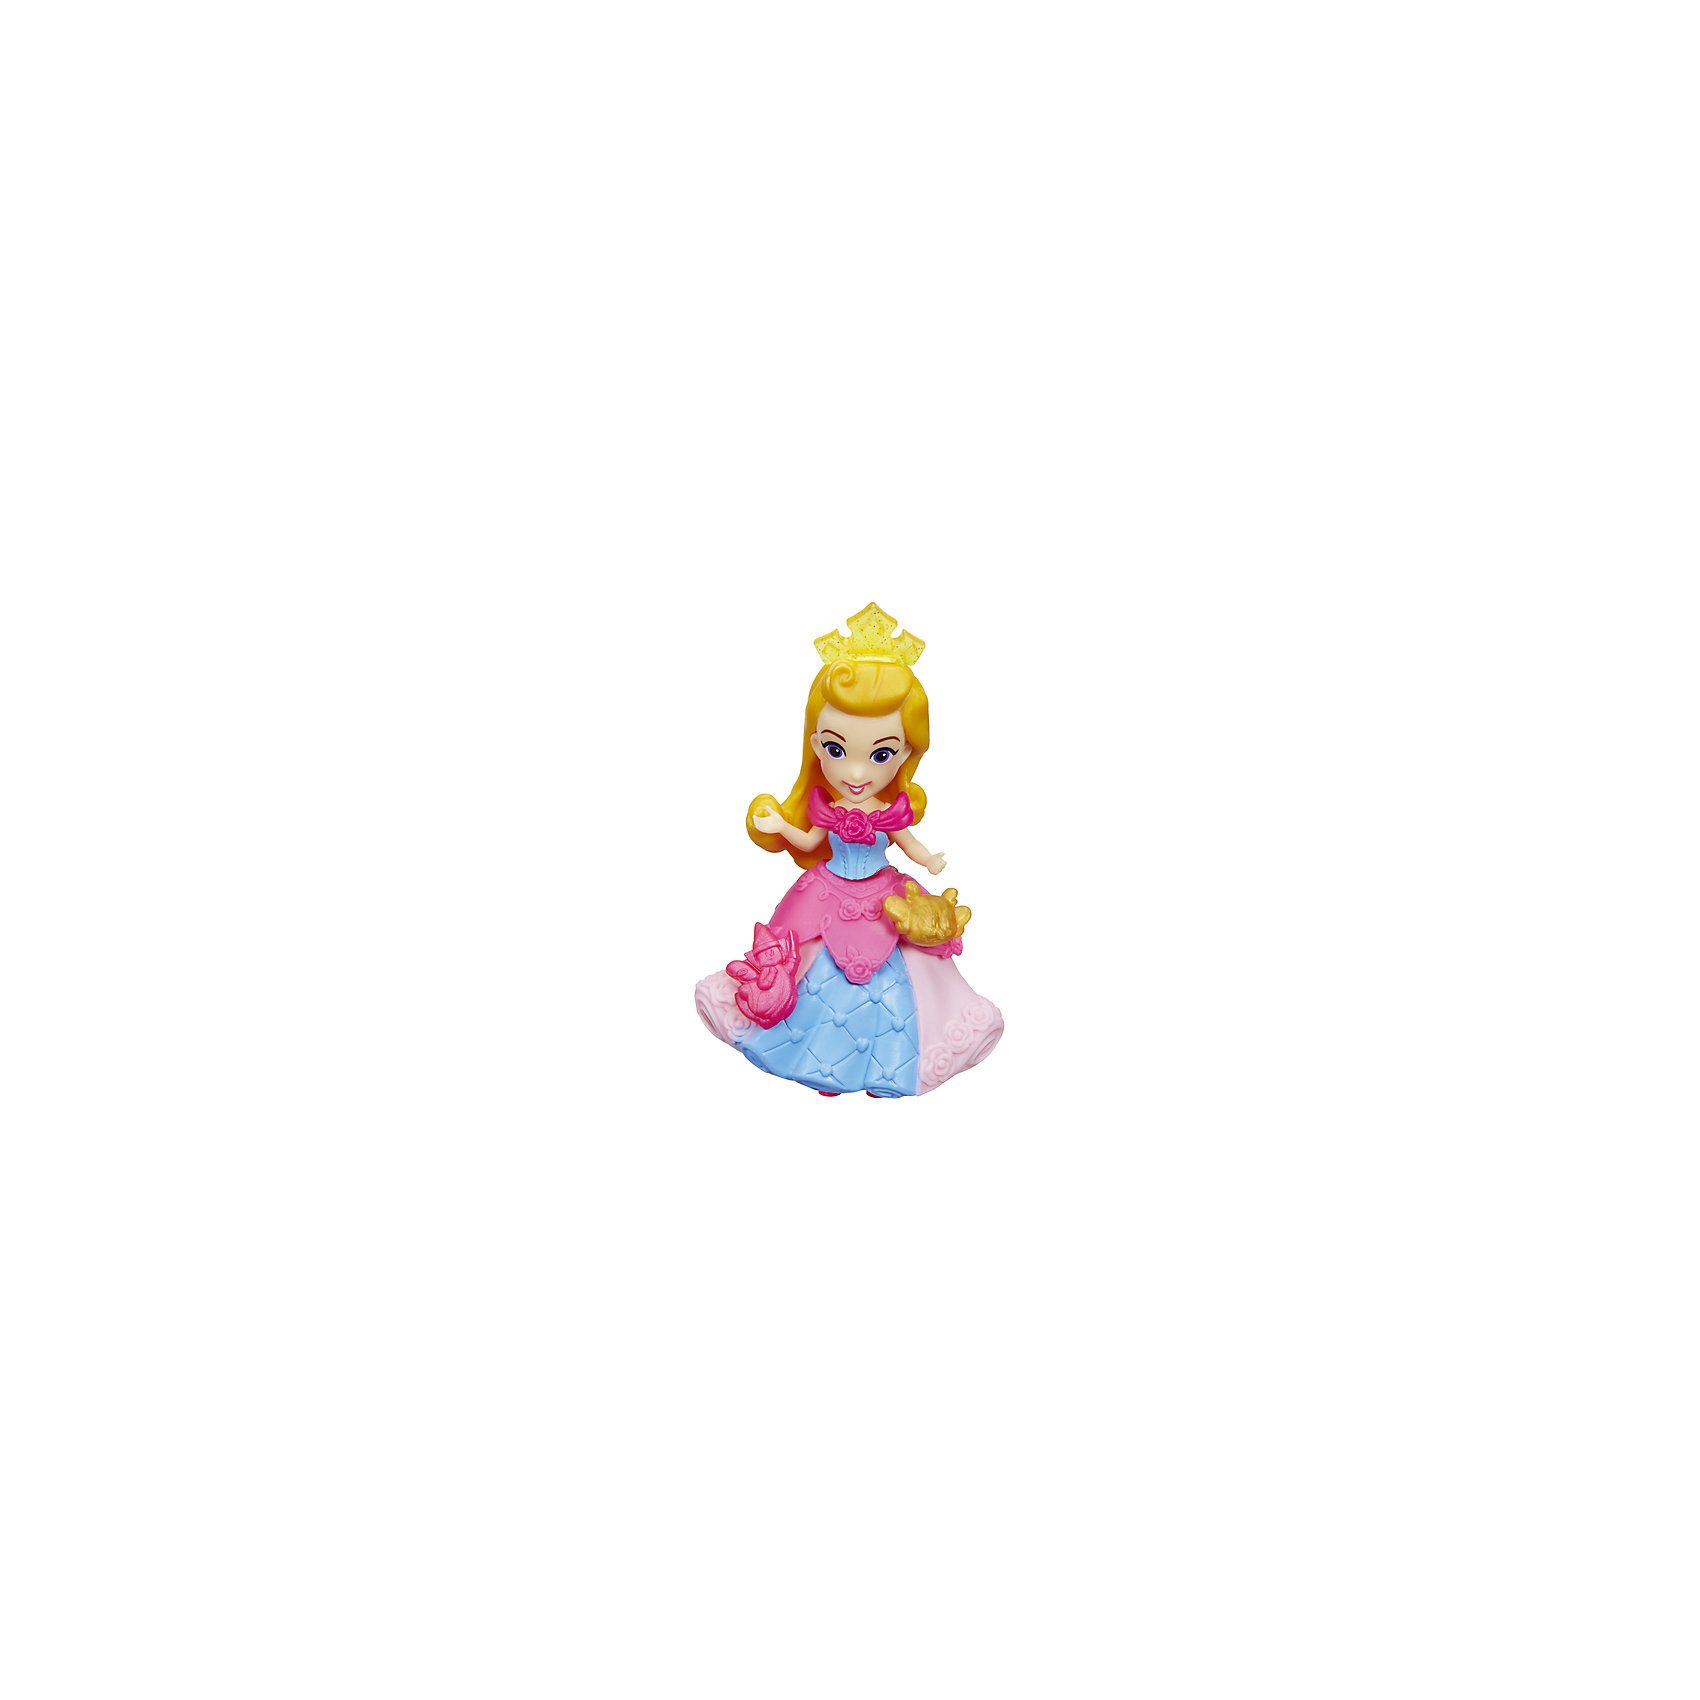 Мини-кукла Hasbro Disney Princess, Спящая красавица АврораПопулярные игрушки<br>Характеристики:<br><br>• очаровательная куколка помогает раскрыть творческий потенциал девочки, позволяет фантазировать и обыгрывать различные сюжетные линии с участием пренцессы Дисней;<br>• мини-куколки легко помещаются в маленькой ладошке;<br>• куклу можно взять с собой, поместить в рюкзачок или карман курточки;<br>• каждая кукла занимает определенную позу;<br>• руки-ноги куклы неподвижны, героиня замерла в танцевальном па;<br>• куколка одета в яркий наряд, характерный для диснеевских героинь;<br>• одежда не снимается;<br>• полимерные куколки приятны на ощупь;<br>• высота куколки составляет 15 см;<br>• размер упаковки: 17,5х15,5х6 см;<br>• вес: 100 г.<br><br>Мини-кукла, Принцессы Дисней, в ассортименте можно купить в нашем интернет-магазине.<br><br>Ширина мм: 176<br>Глубина мм: 152<br>Высота мм: 63<br>Вес г: 100<br>Возраст от месяцев: 48<br>Возраст до месяцев: 96<br>Пол: Женский<br>Возраст: Детский<br>SKU: 7120188